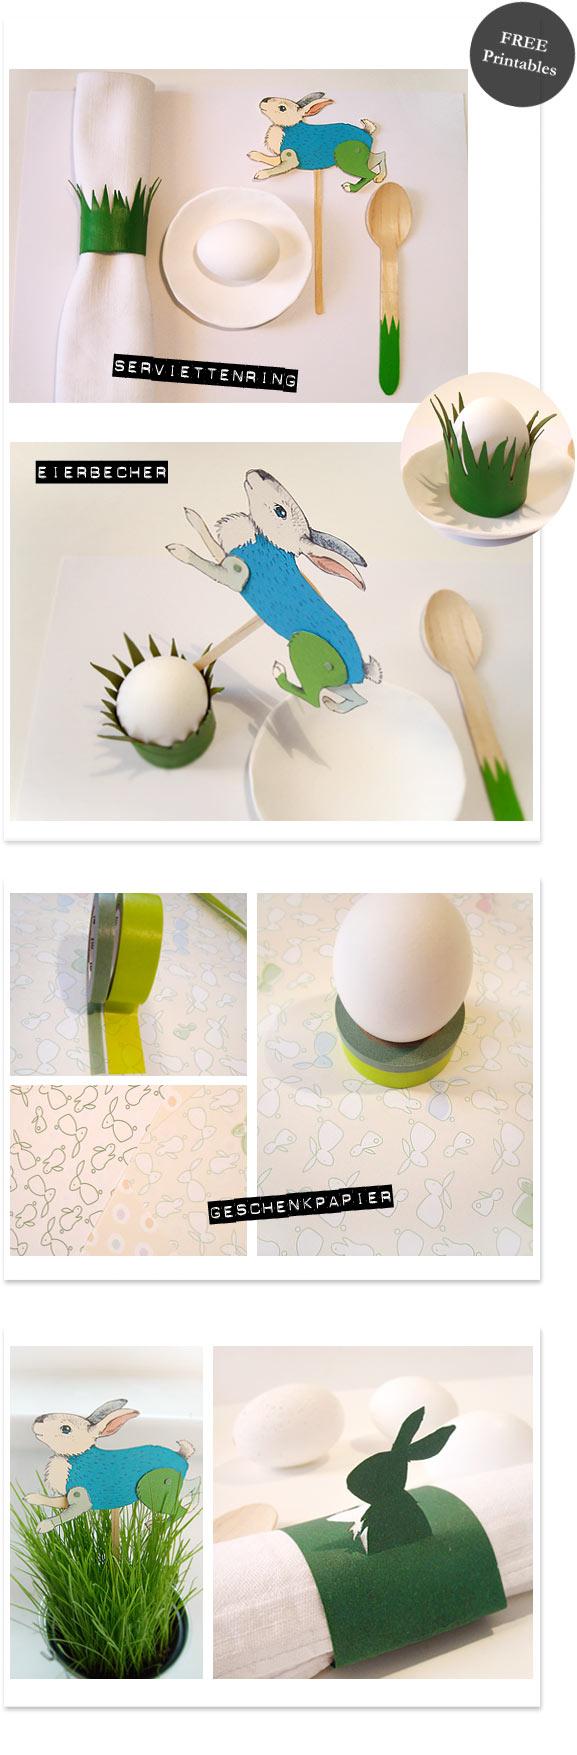 sonja-egger-ostern-tischdeko